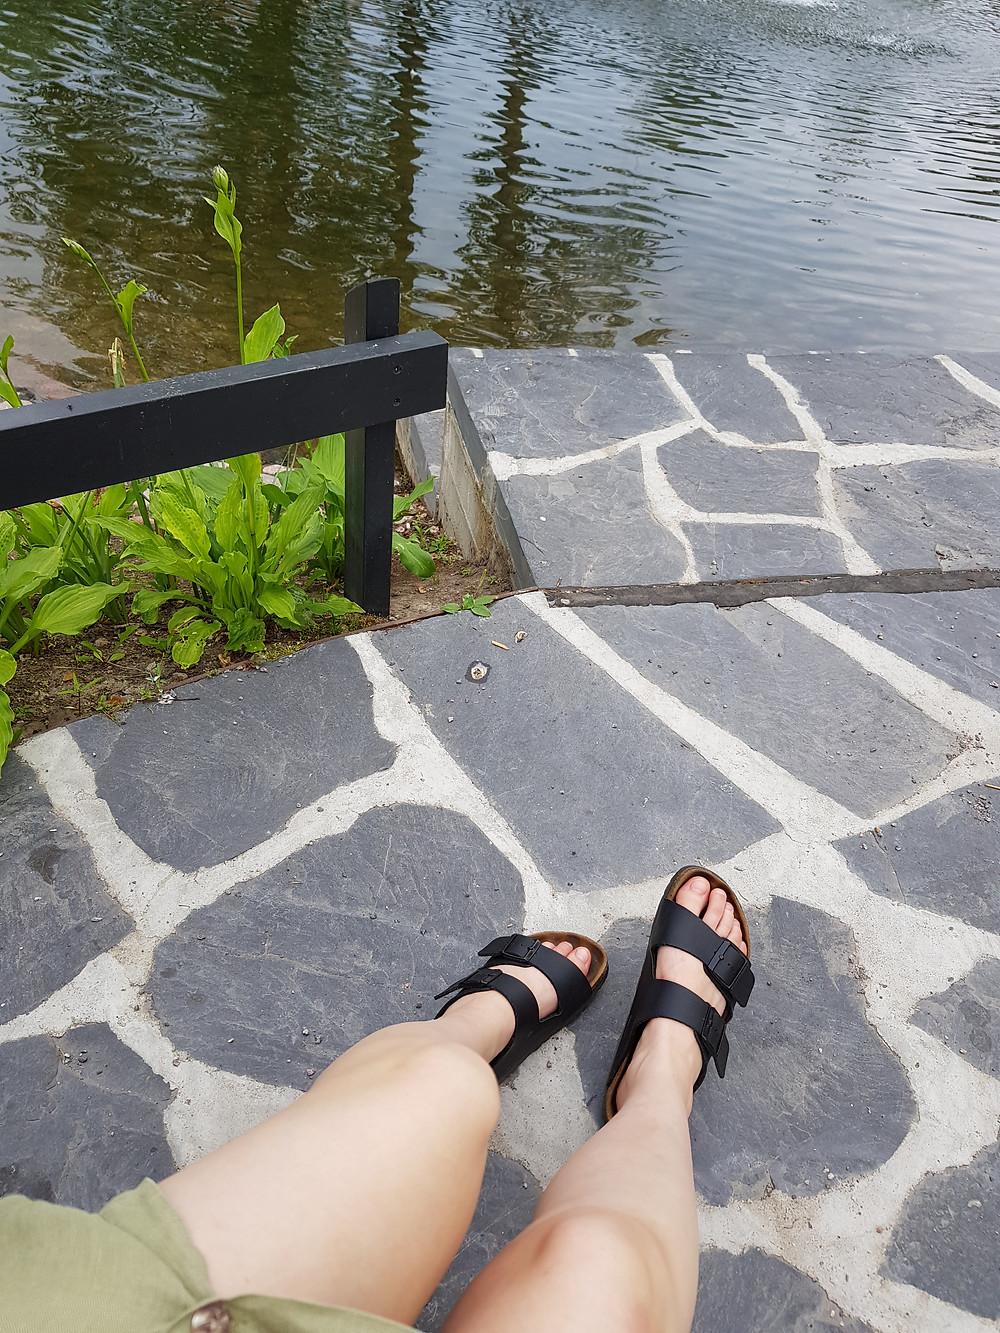 Kuvassa olen lammen rannalla ja jaloissani on juuri huolletut Birkenstock-sandaalini.